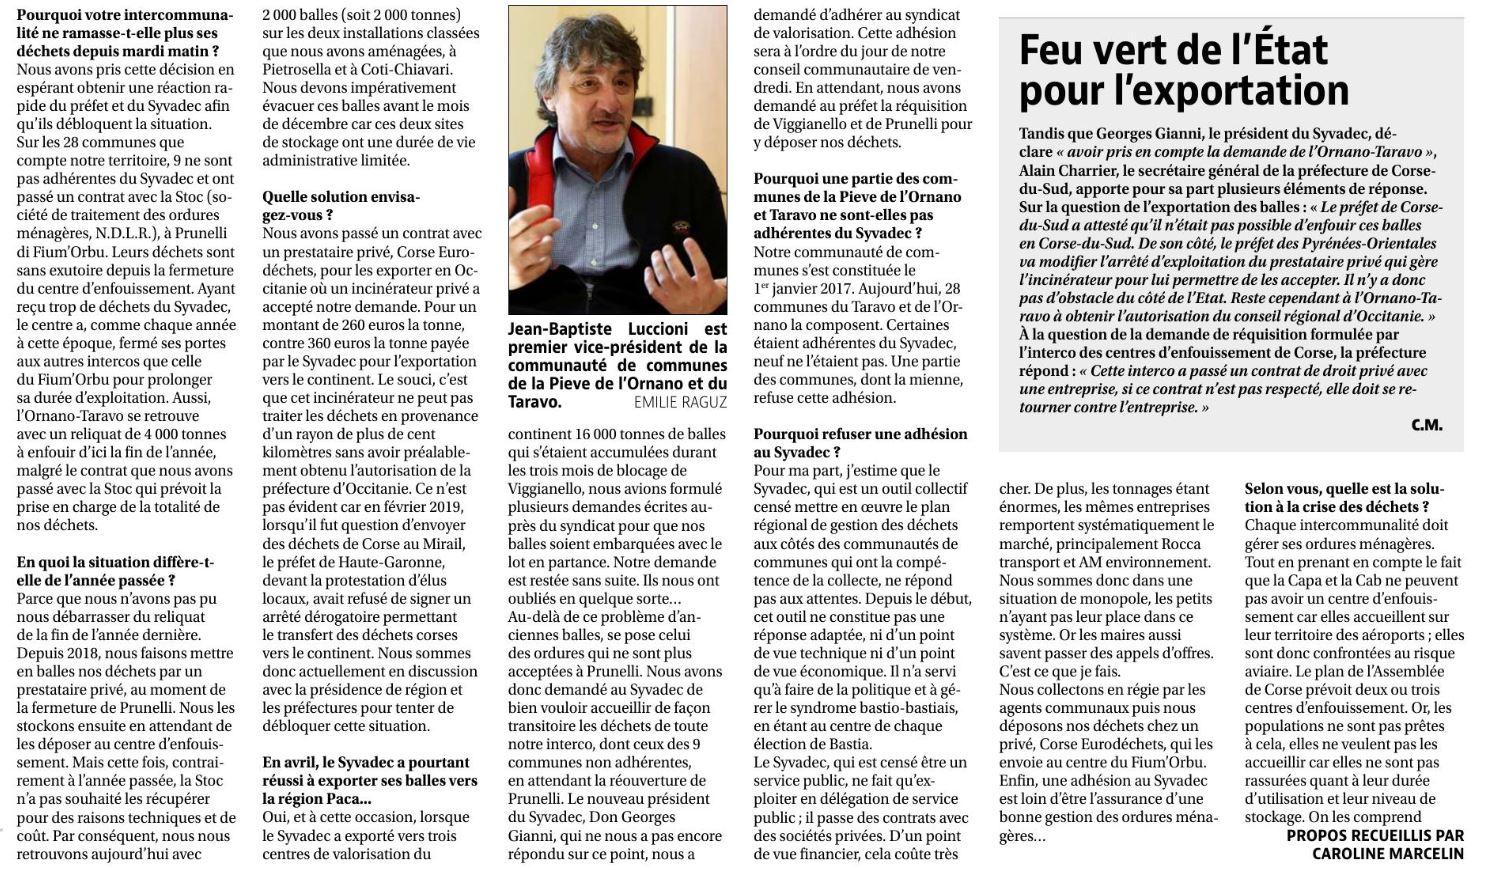 Interview de Jean-Baptiste Luccioni concernant la crise des déhets - 02/09/20